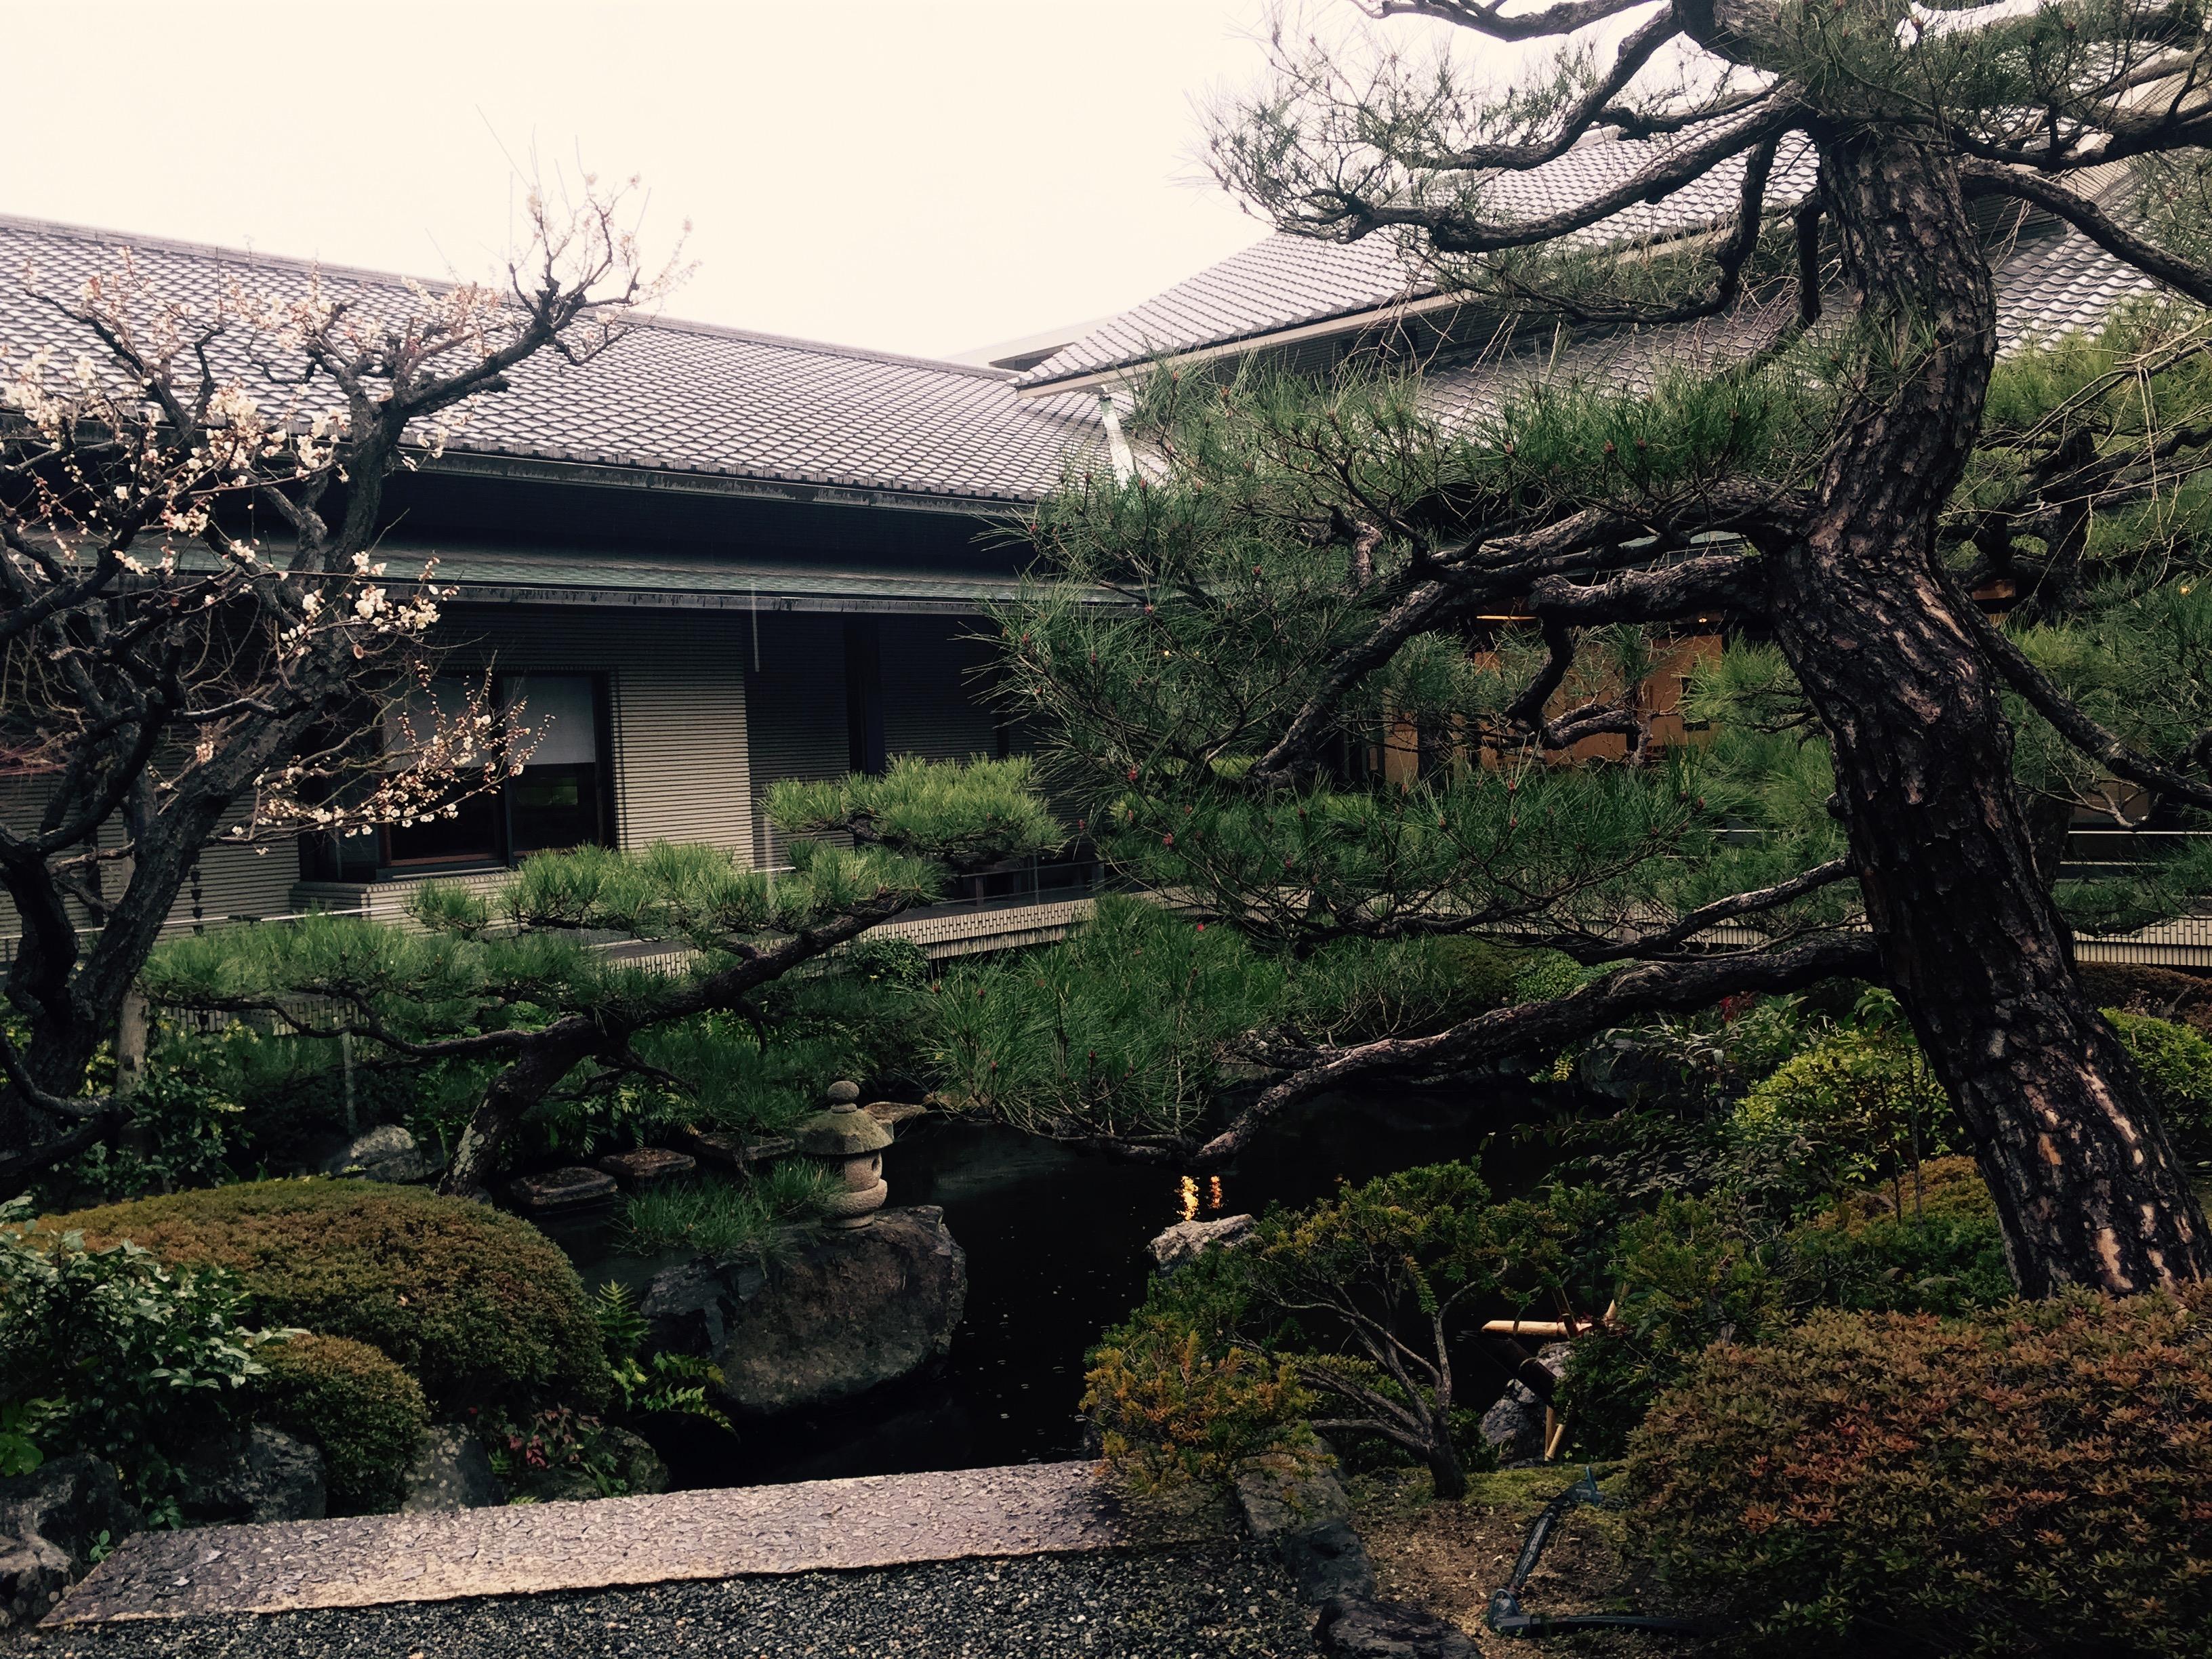 Gioacchino besichtigt das Junichiro Tanizaki Museum in Ashiya, wo alles nur in japanisch beschriftet ist.